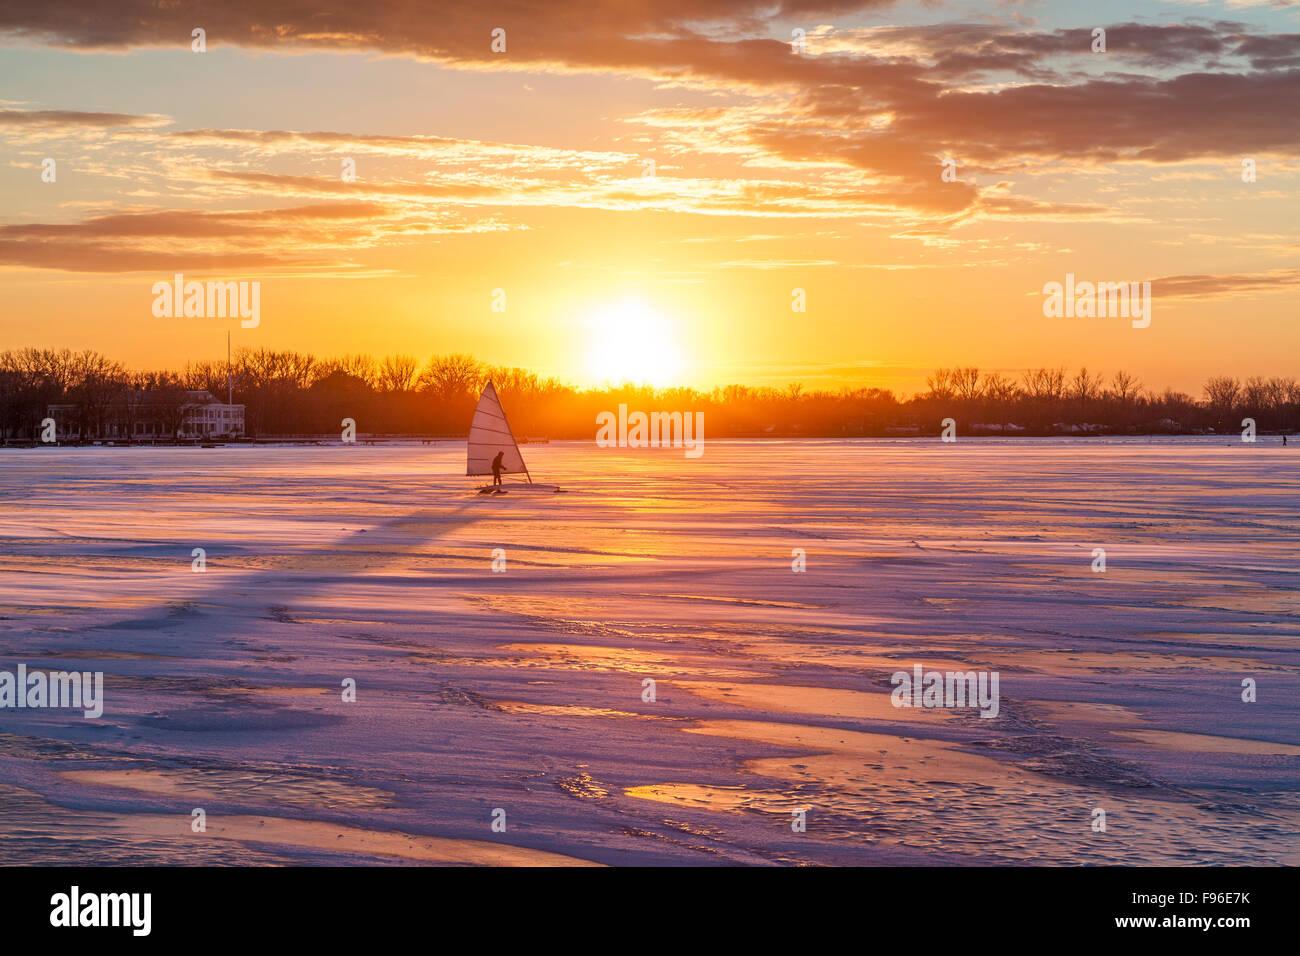 Windsurf sobre hielo al atardecer en el puerto interior de Toronto, Toronto, Ontario, Canadá Foto de stock